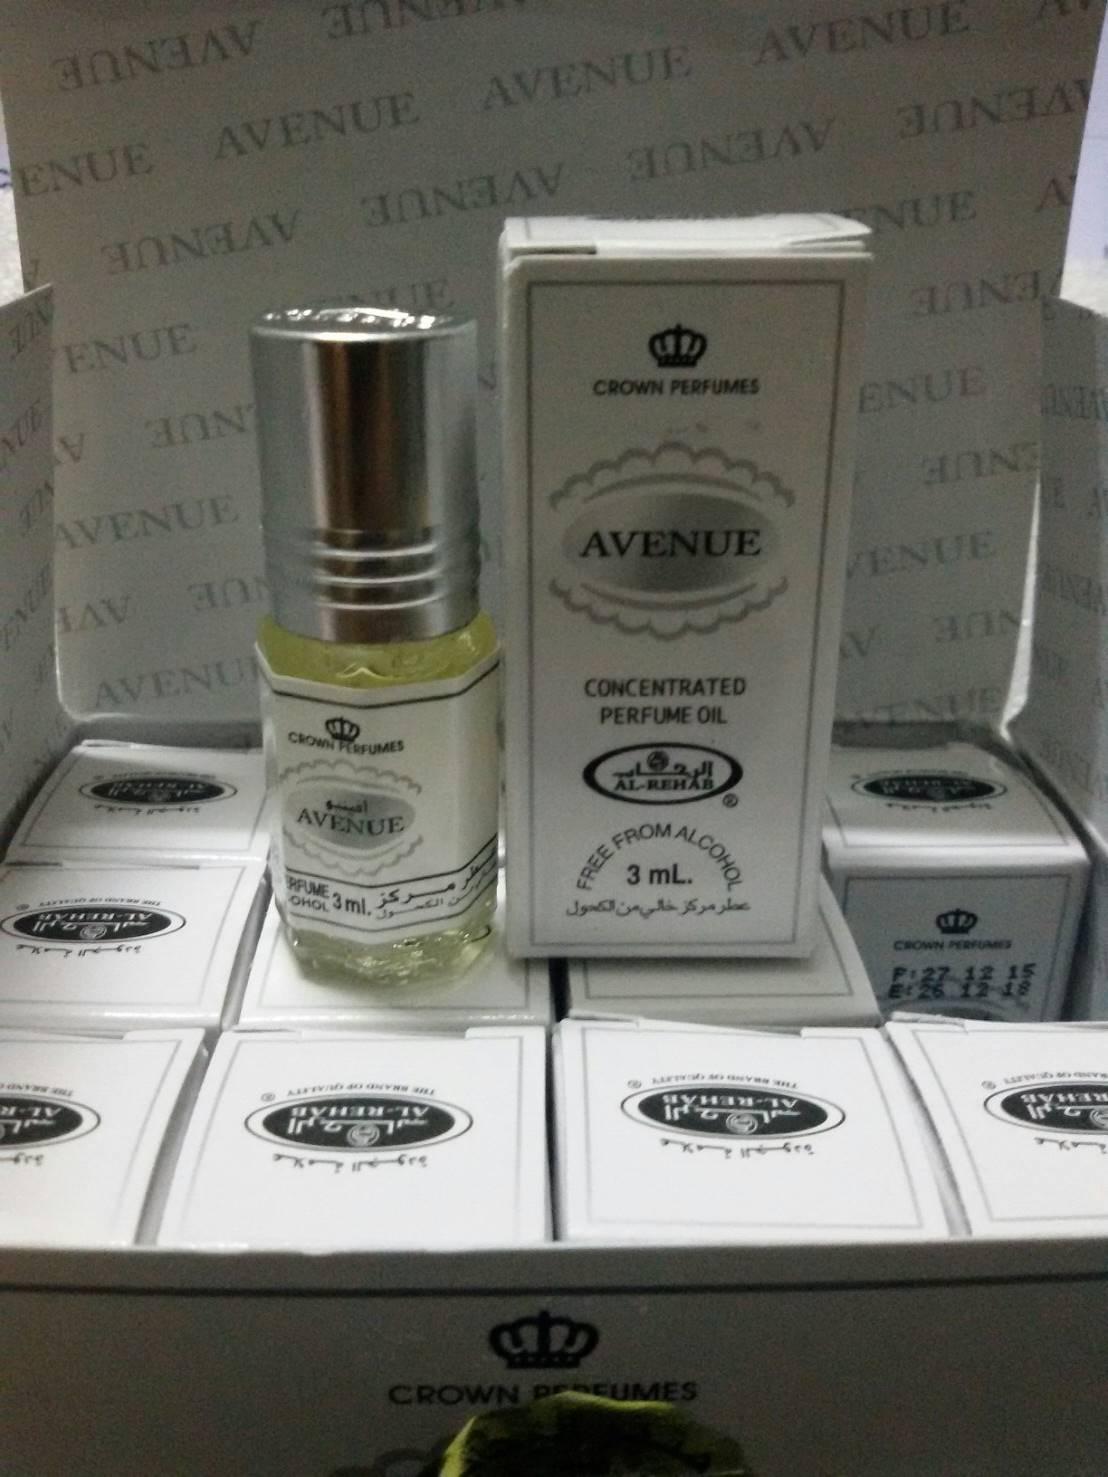 น้ำหอม Avenue by Al Rehab Concentrated Perfume Oil 3ml.